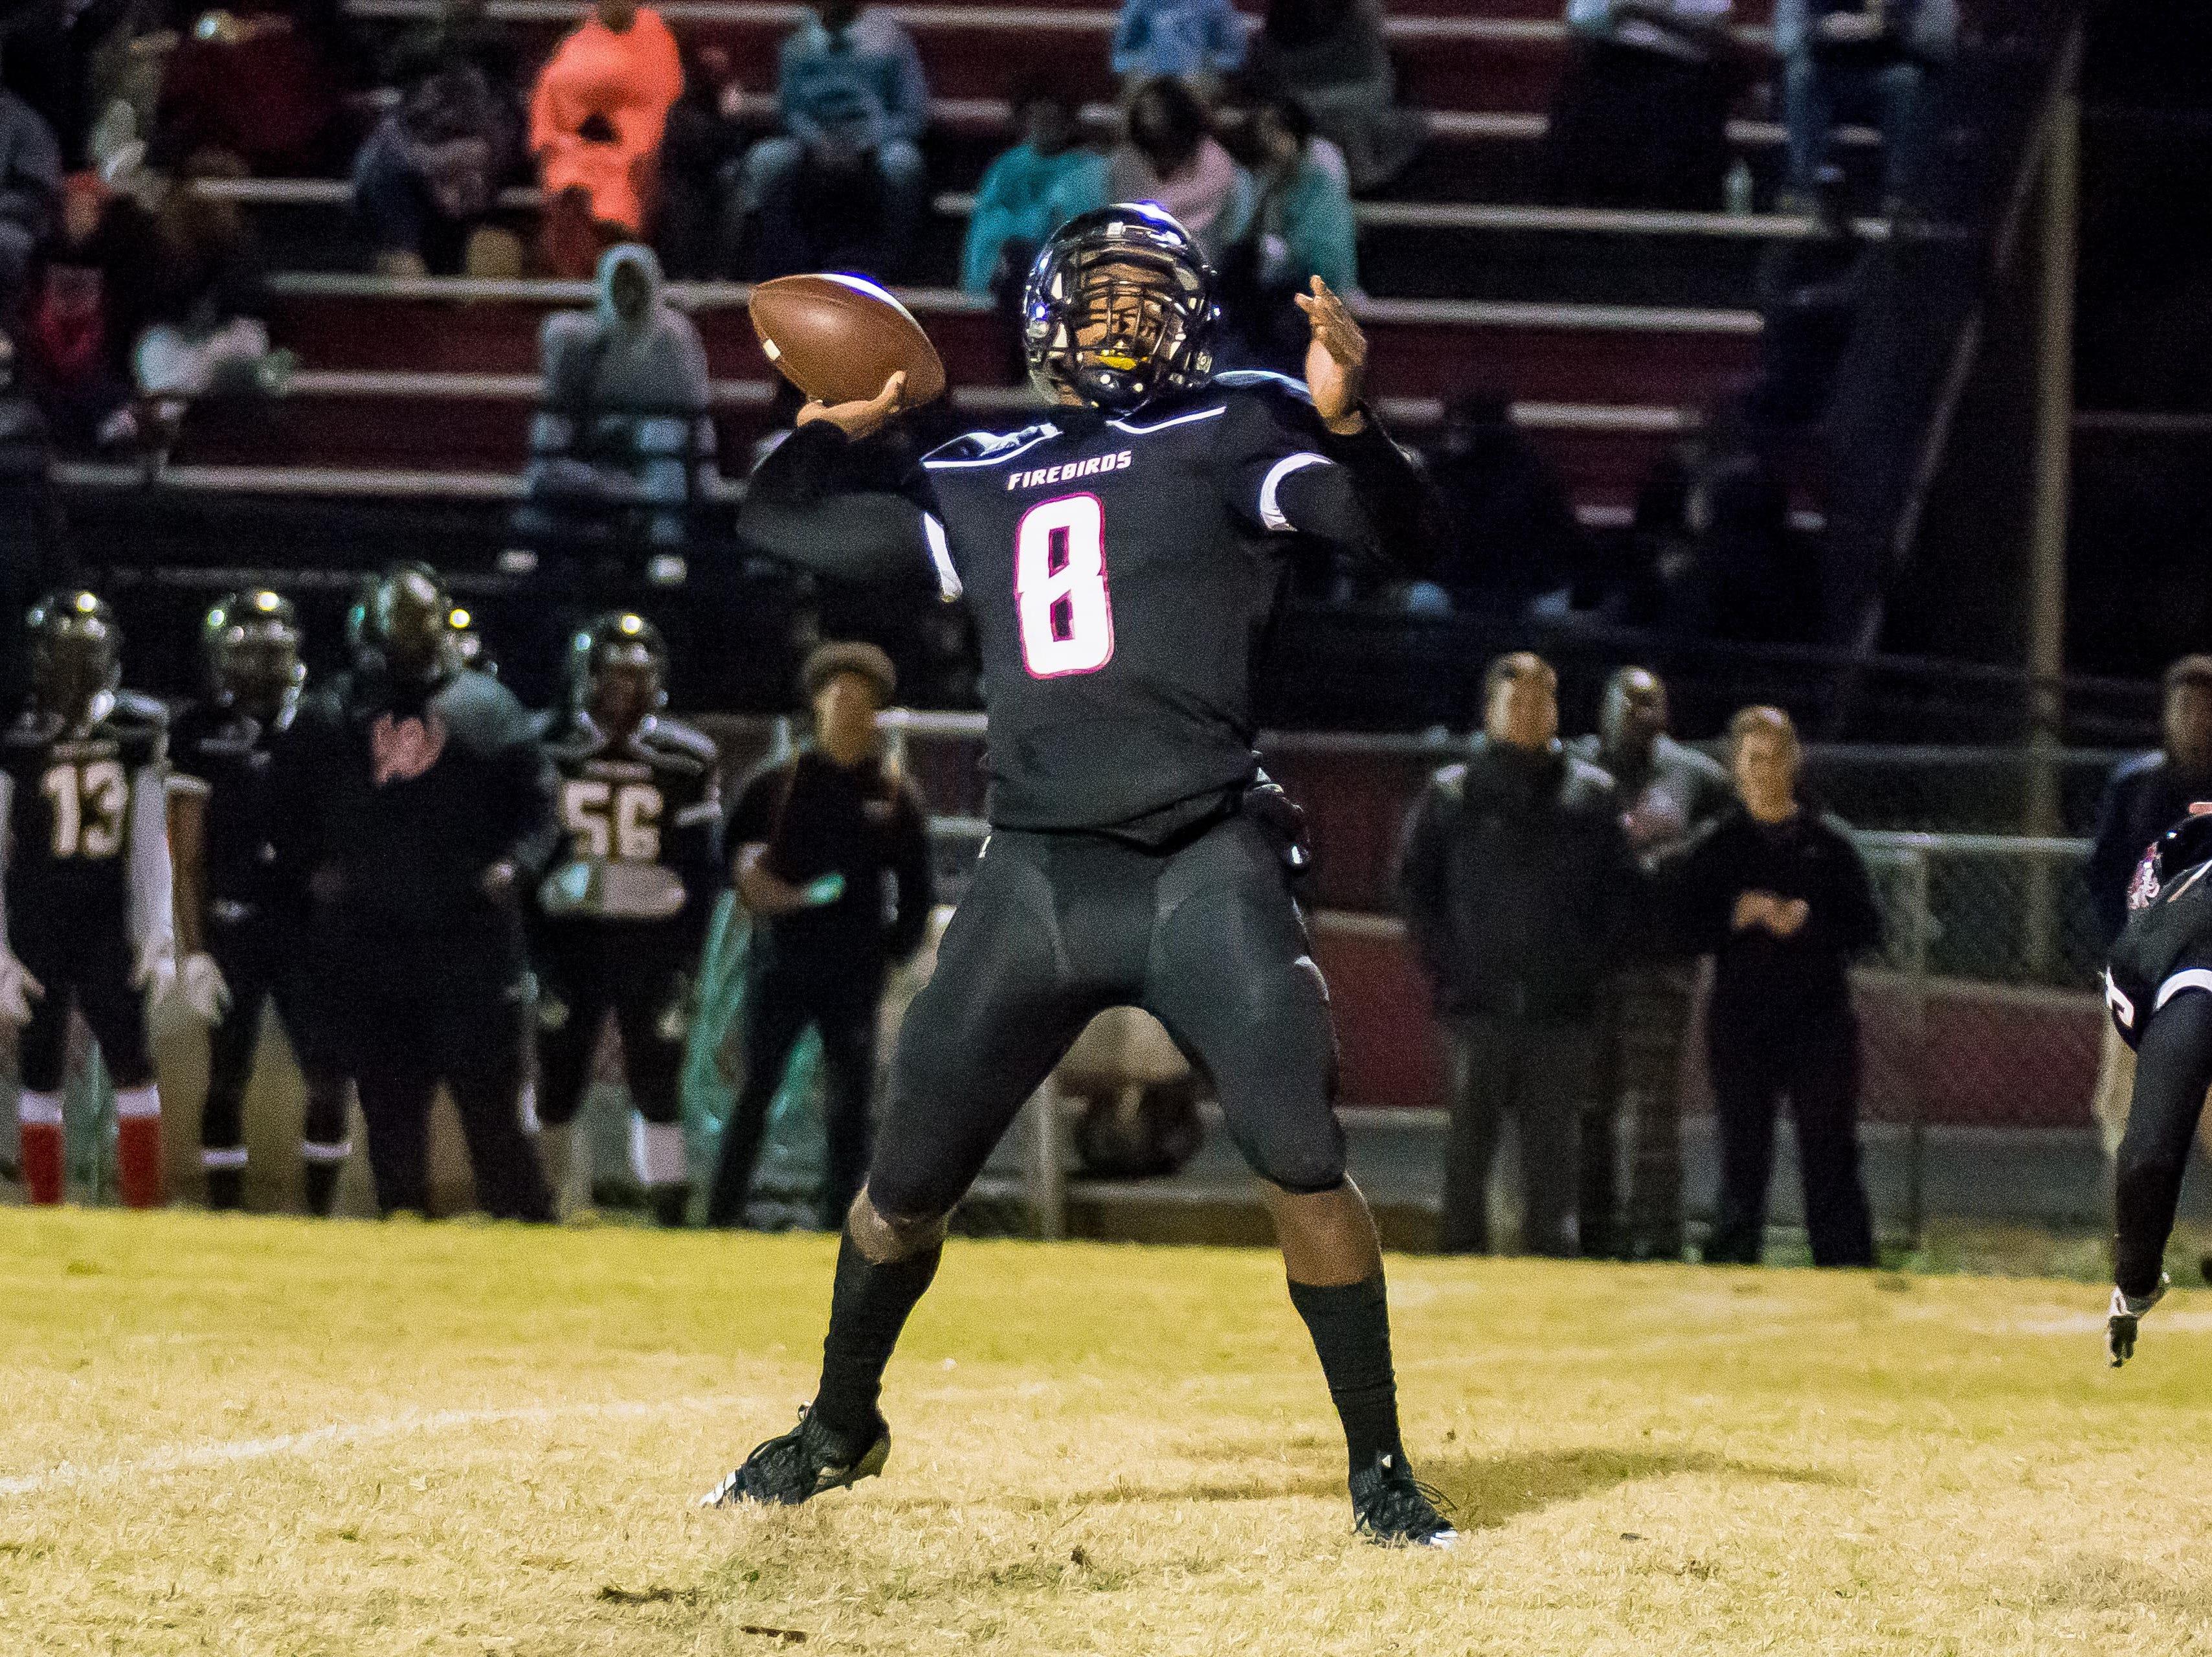 Pearl-Cohn quarterback Xavier Shepherd throws a touchdown pass against Cheatham County.